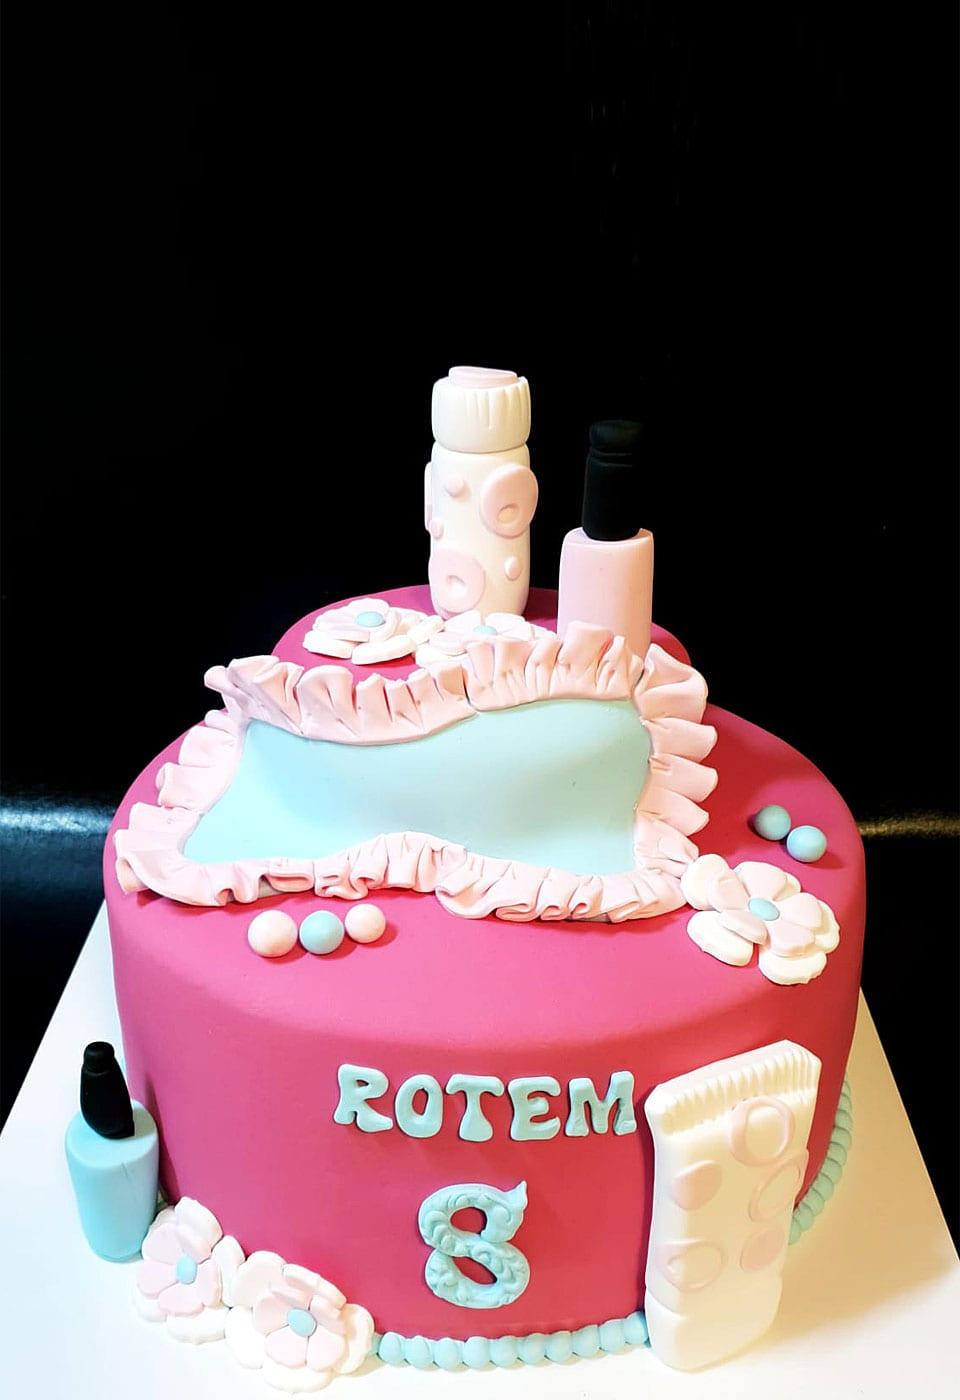 עוגת בצק סוכר ליום הולדת לאלילנד רותם בת 8